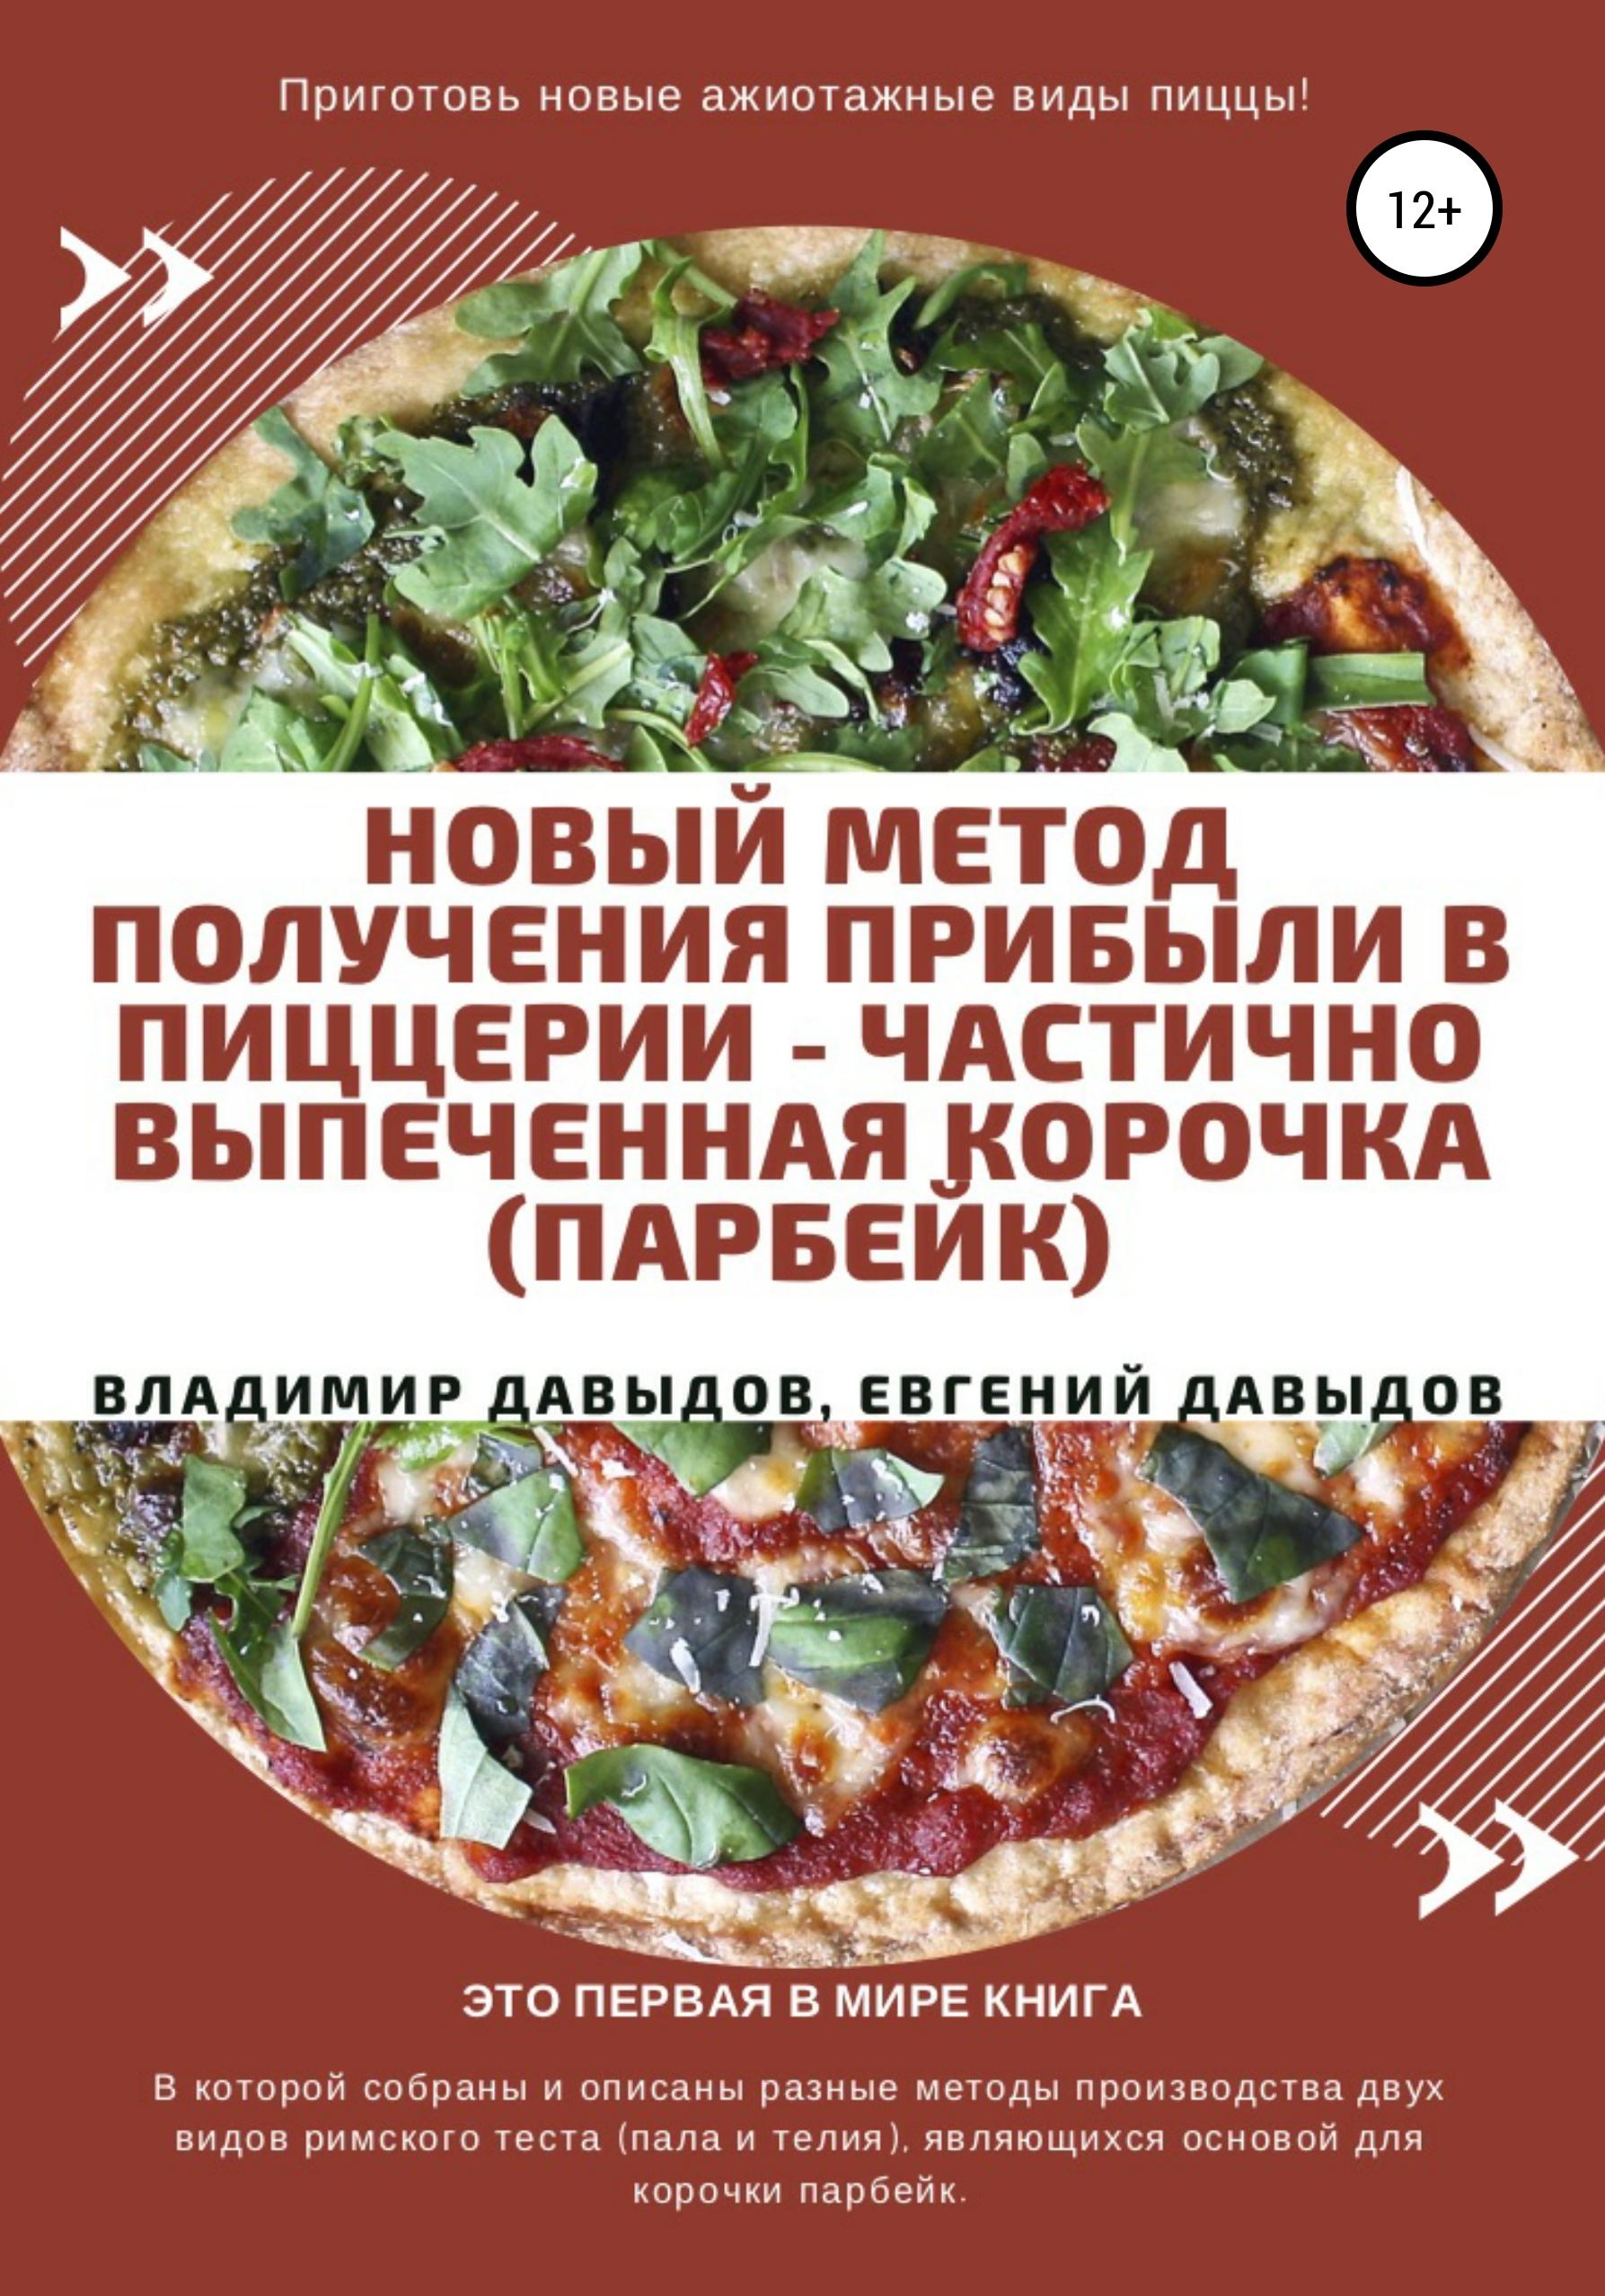 Новый метод получения прибыли в пиццерии